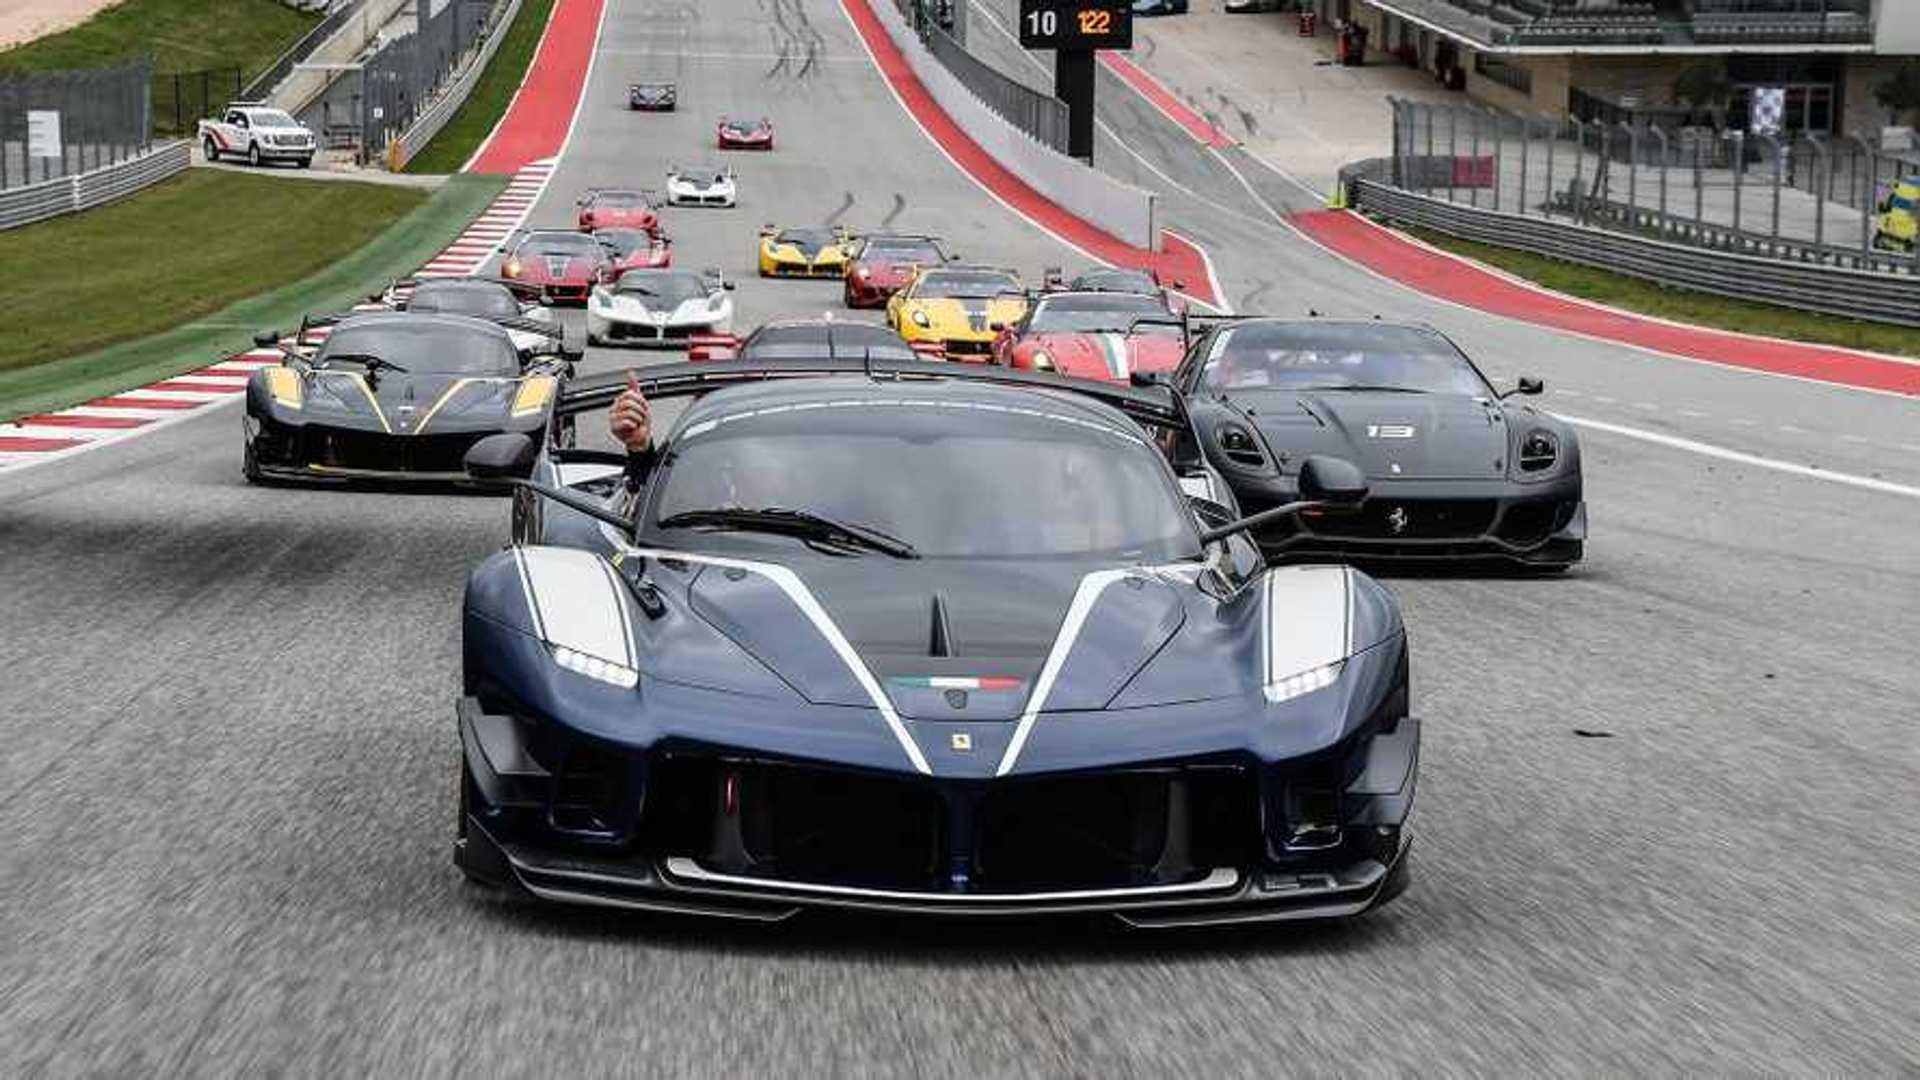 Dive Into Ferrari's Corse Clienti Program For XX Owners